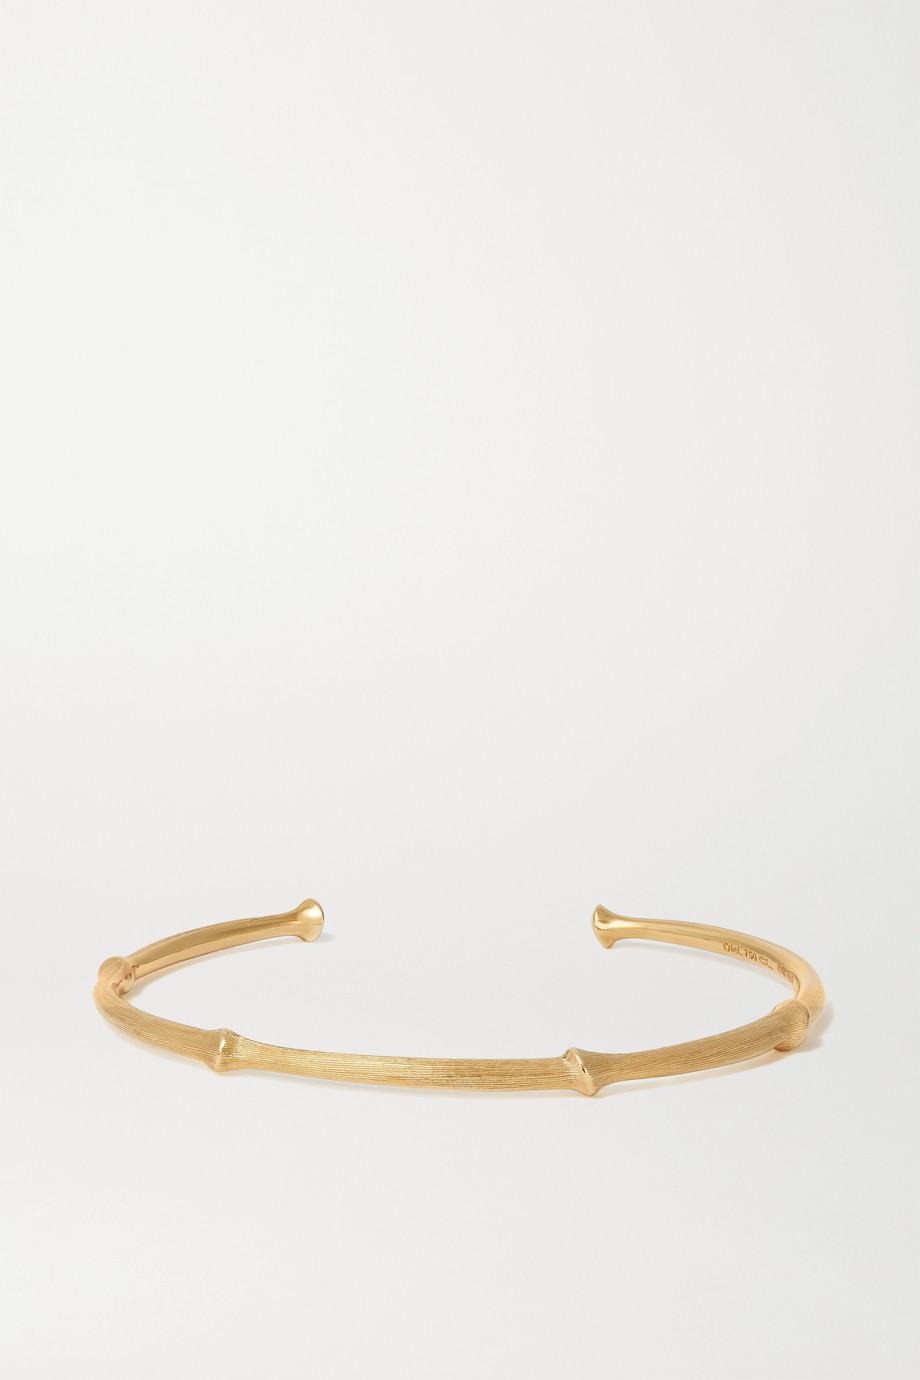 OLE LYNGGAARD COPENHAGEN Nature 18-karat gold cuff